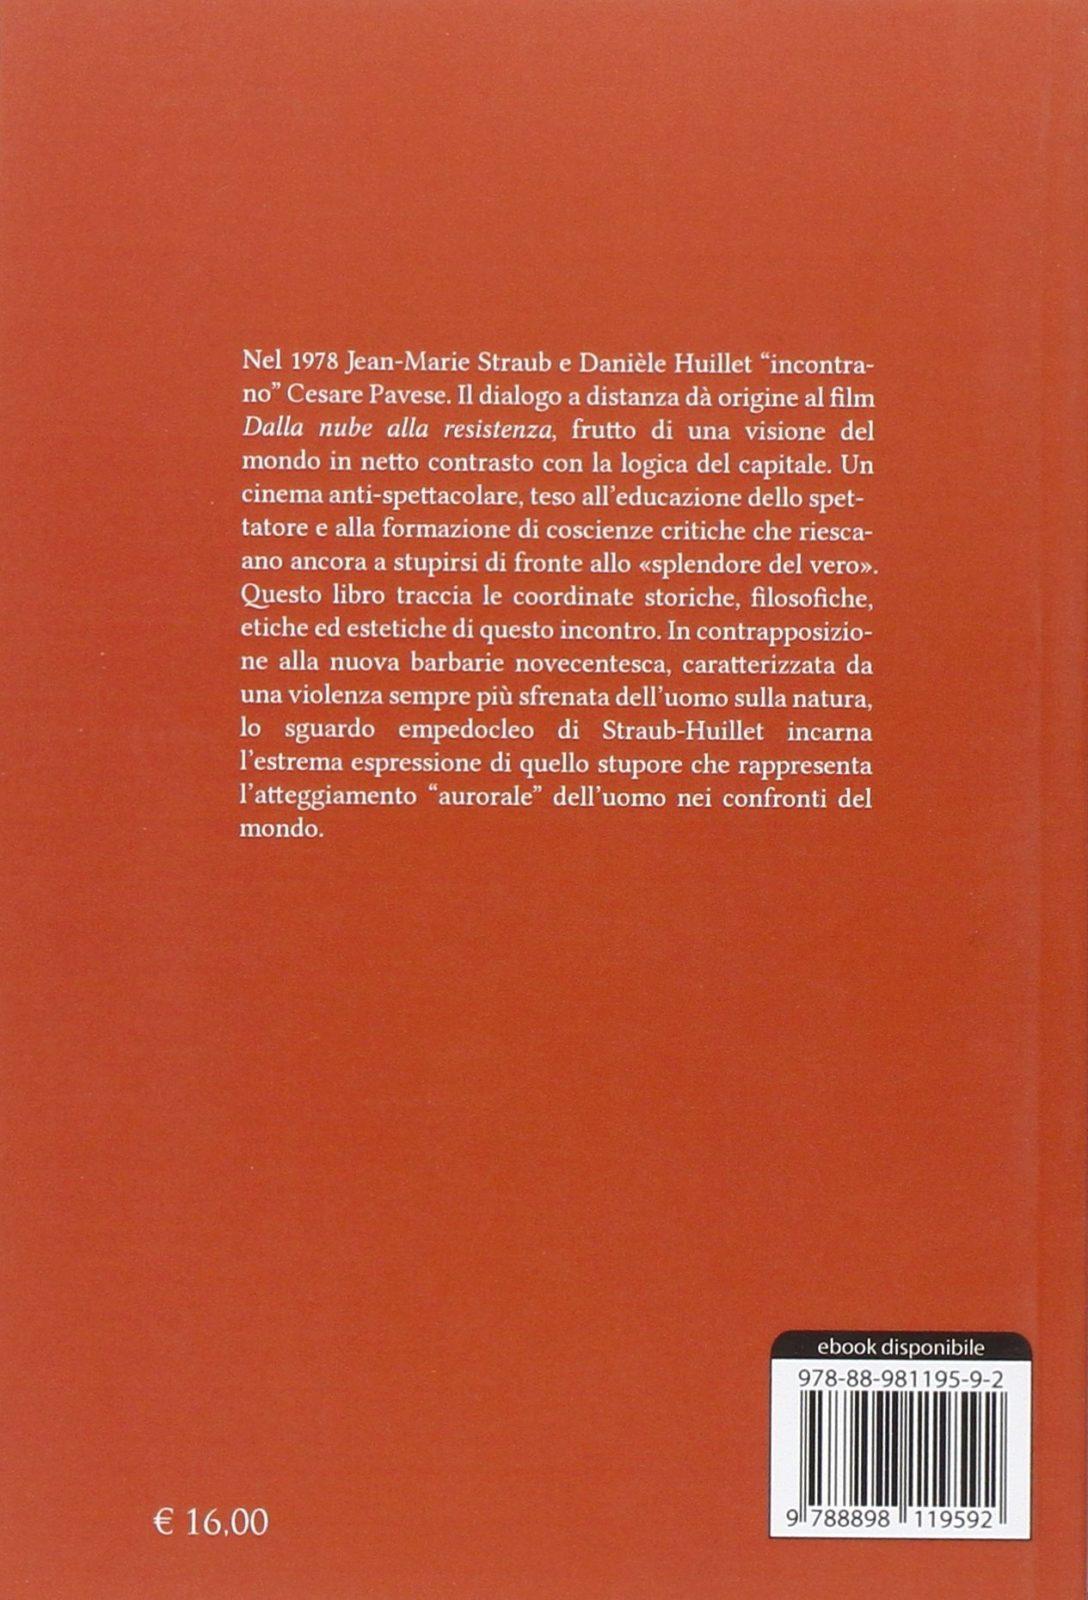 Lo-stupore-e-la-scoperta-del-mondo-Straub-Huillet-incontrano-Pavese-2015.jpg